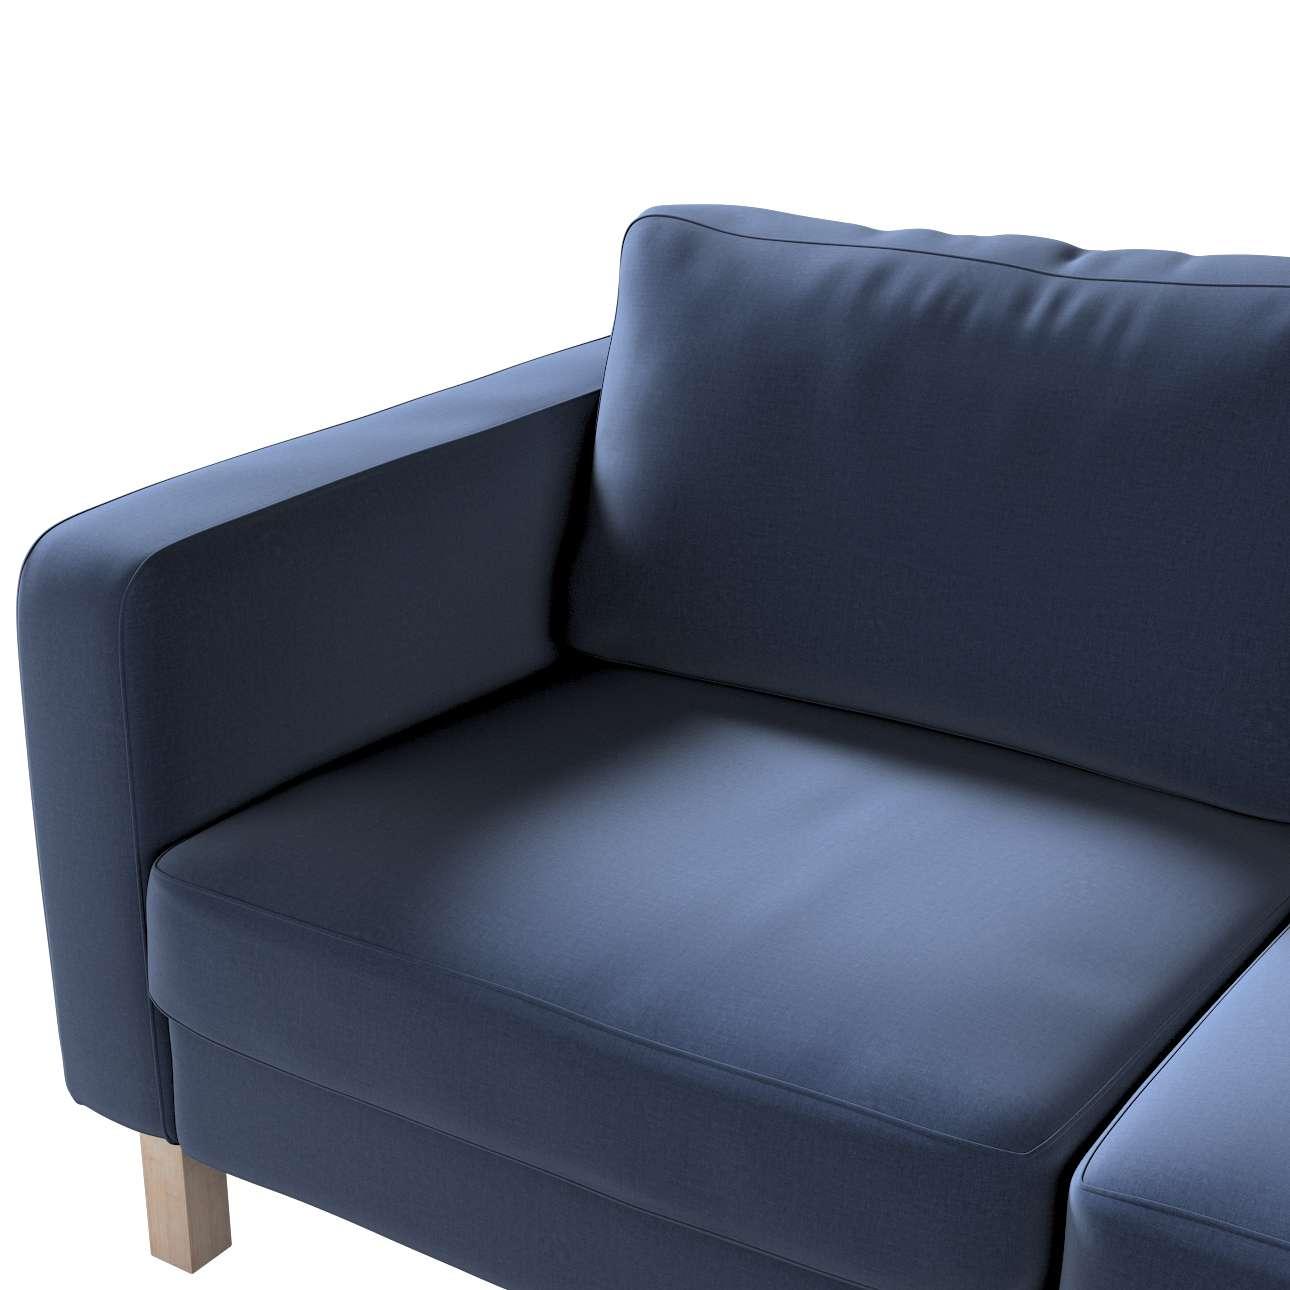 Potah na pohovku IKEA  Karlstad 2-místná, nerozkládací, krátký v kolekci Ingrid, látka: 705-39